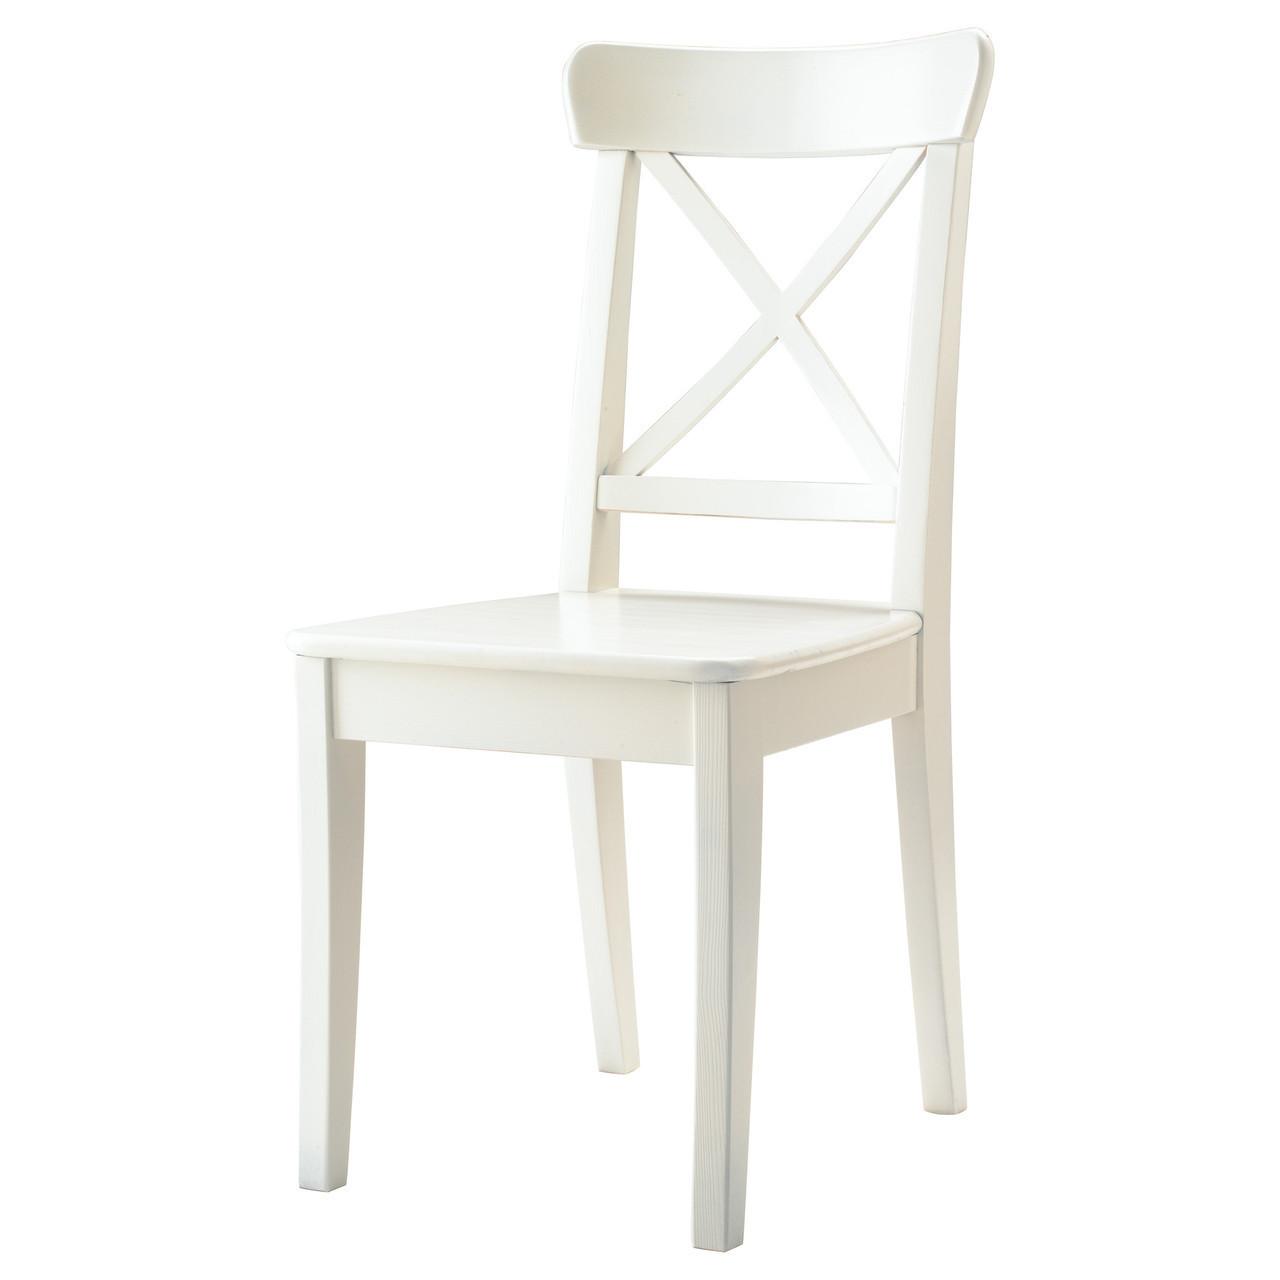 Стул ikea INGOLF, белый, IKEA, 701.032.50